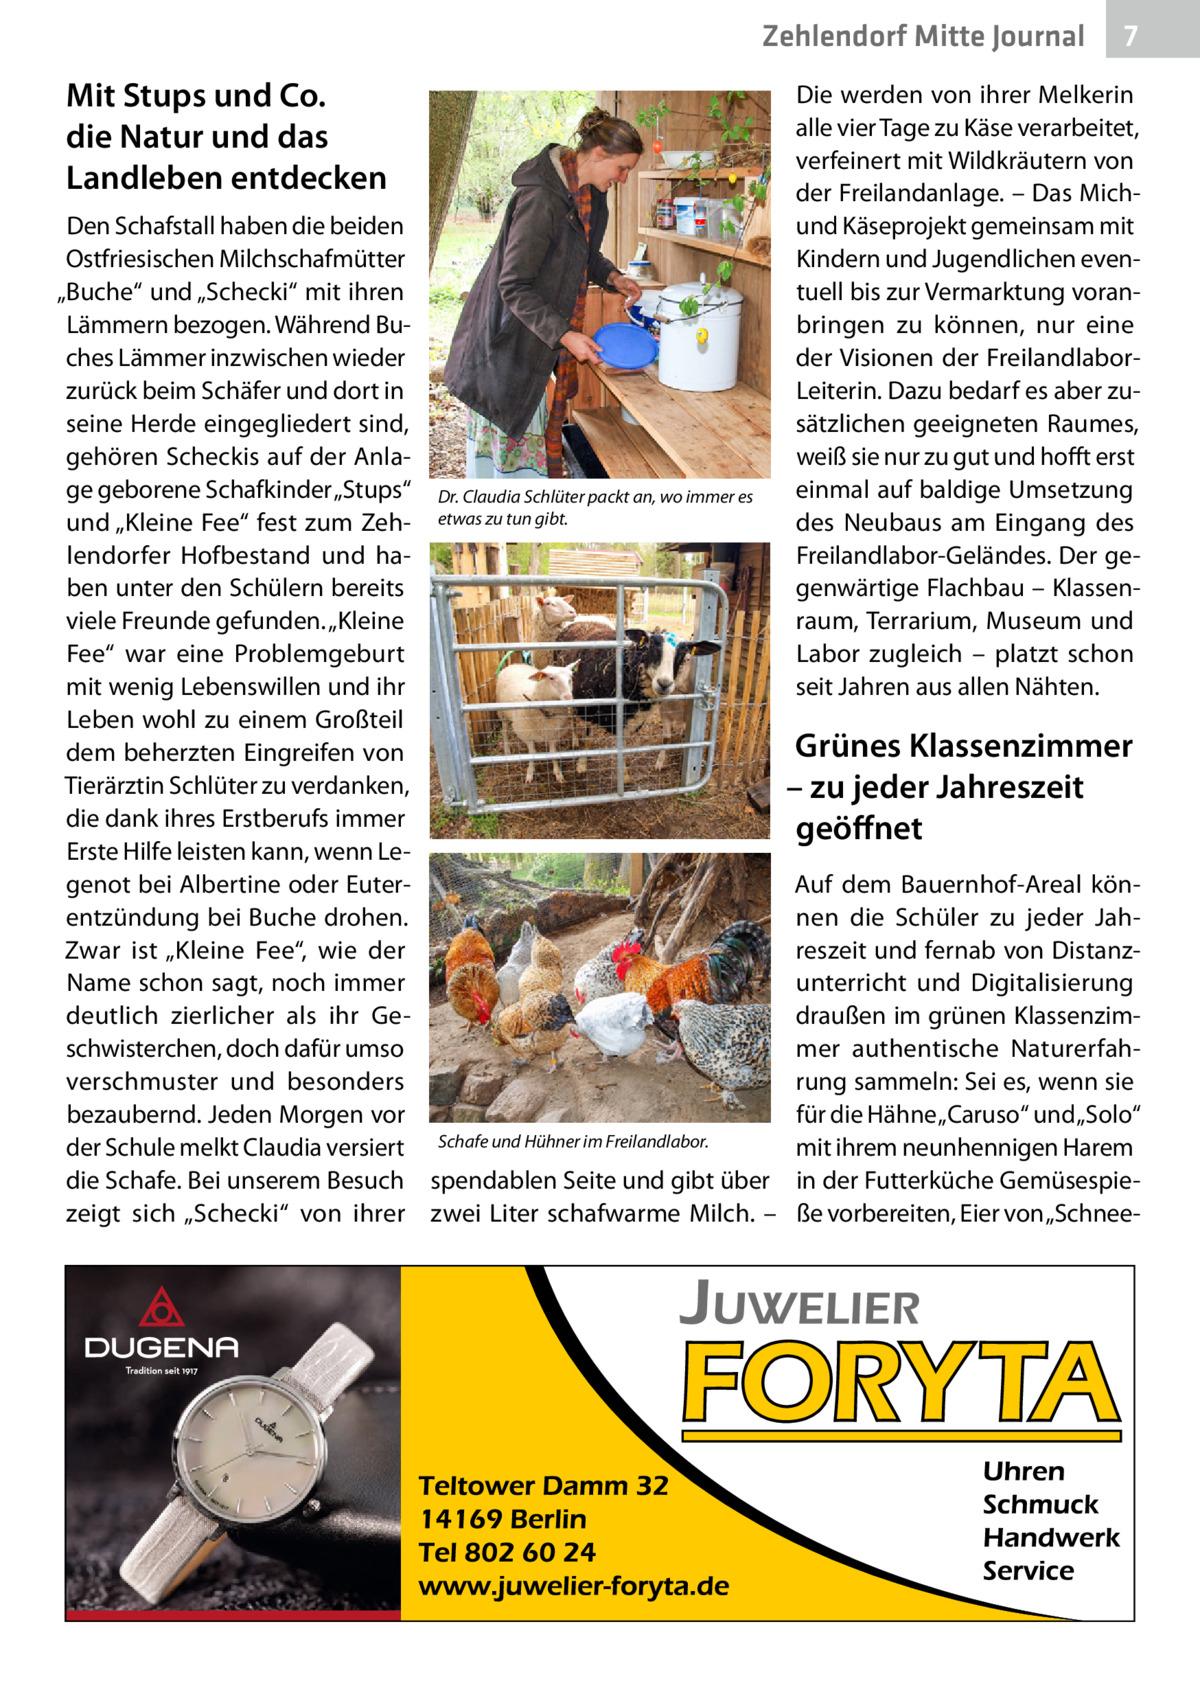 """Zehlendorf Mitte Gesundheit Journal  Mit Stups und Co. die Natur und das Landleben entdecken Den Schafstall haben die beiden Ostfriesischen Milchschafmütter """"Buche"""" und """"Schecki"""" mit ihren Lämmern bezogen. Während Buches Lämmer inzwischen wieder zurück beim Schäfer und dort in seine Herde eingegliedert sind, gehören Scheckis auf der Anlage geborene Schafkinder """"Stups"""" Dr.Claudia Schlüter packt an, wo immer es und """"Kleine Fee"""" fest zum Zeh- etwas zu tun gibt. lendorfer Hofbestand und haben unter den Schülern bereits viele Freunde gefunden. """"Kleine Fee"""" war eine Problemgeburt mit wenig Lebenswillen und ihr Leben wohl zu einem Großteil dem beherzten Eingreifen von Tierärztin Schlüter zu verdanken, die dank ihres Erstberufs immer Erste Hilfe leisten kann, wenn Legenot bei Albertine oder Euterentzündung bei Buche drohen. Zwar ist """"Kleine Fee"""", wie der Name schon sagt, noch immer deutlich zierlicher als ihr Geschwisterchen, doch dafür umso verschmuster und besonders bezaubernd. Jeden Morgen vor der Schule melkt Claudia versiert Schafe und Hühner im Freilandlabor. die Schafe. Bei unserem Besuch spendablen Seite und gibt über zeigt sich """"Schecki"""" von ihrer zwei Liter schafwarme Milch. –  7  Die werden von ihrer Melkerin alle vier Tage zu Käse verarbeitet, verfeinert mit Wildkräutern von der Freilandanlage. – Das Michund Käseprojekt gemeinsam mit Kindern und Jugendlichen eventuell bis zur Vermarktung voranbringen zu können, nur eine der Visionen der FreilandlaborLeiterin. Dazu bedarf es aber zusätzlichen geeigneten Raumes, weiß sie nur zu gut und hofft erst einmal auf baldige Umsetzung des Neubaus am Eingang des Freilandlabor-Geländes. Der gegenwärtige Flachbau – Klassenraum, Terrarium, Museum und Labor zugleich – platzt schon seit Jahren aus allen Nähten.  Grünes Klassenzimmer – zujeder Jahreszeit geöffnet Auf dem Bauernhof-Areal können die Schüler zu jeder Jahreszeit und fernab von Distanzunterricht und Digitalisierung draußen im grünen Klassenzimmer authentische Naturerfa"""